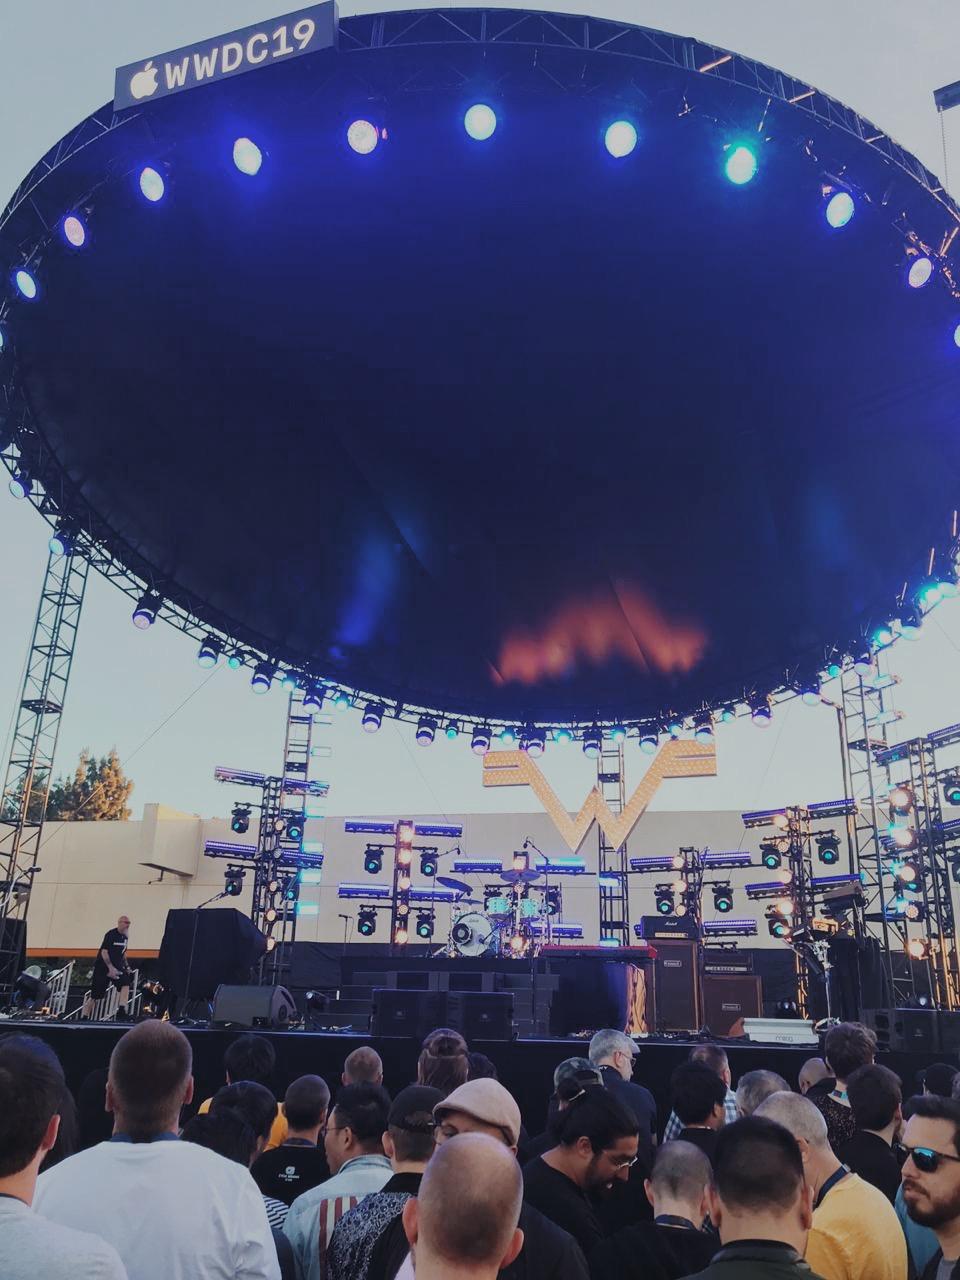 Palco da festa que aconteceu na quinta-feira (6/6), onde a banda Weezer tocou